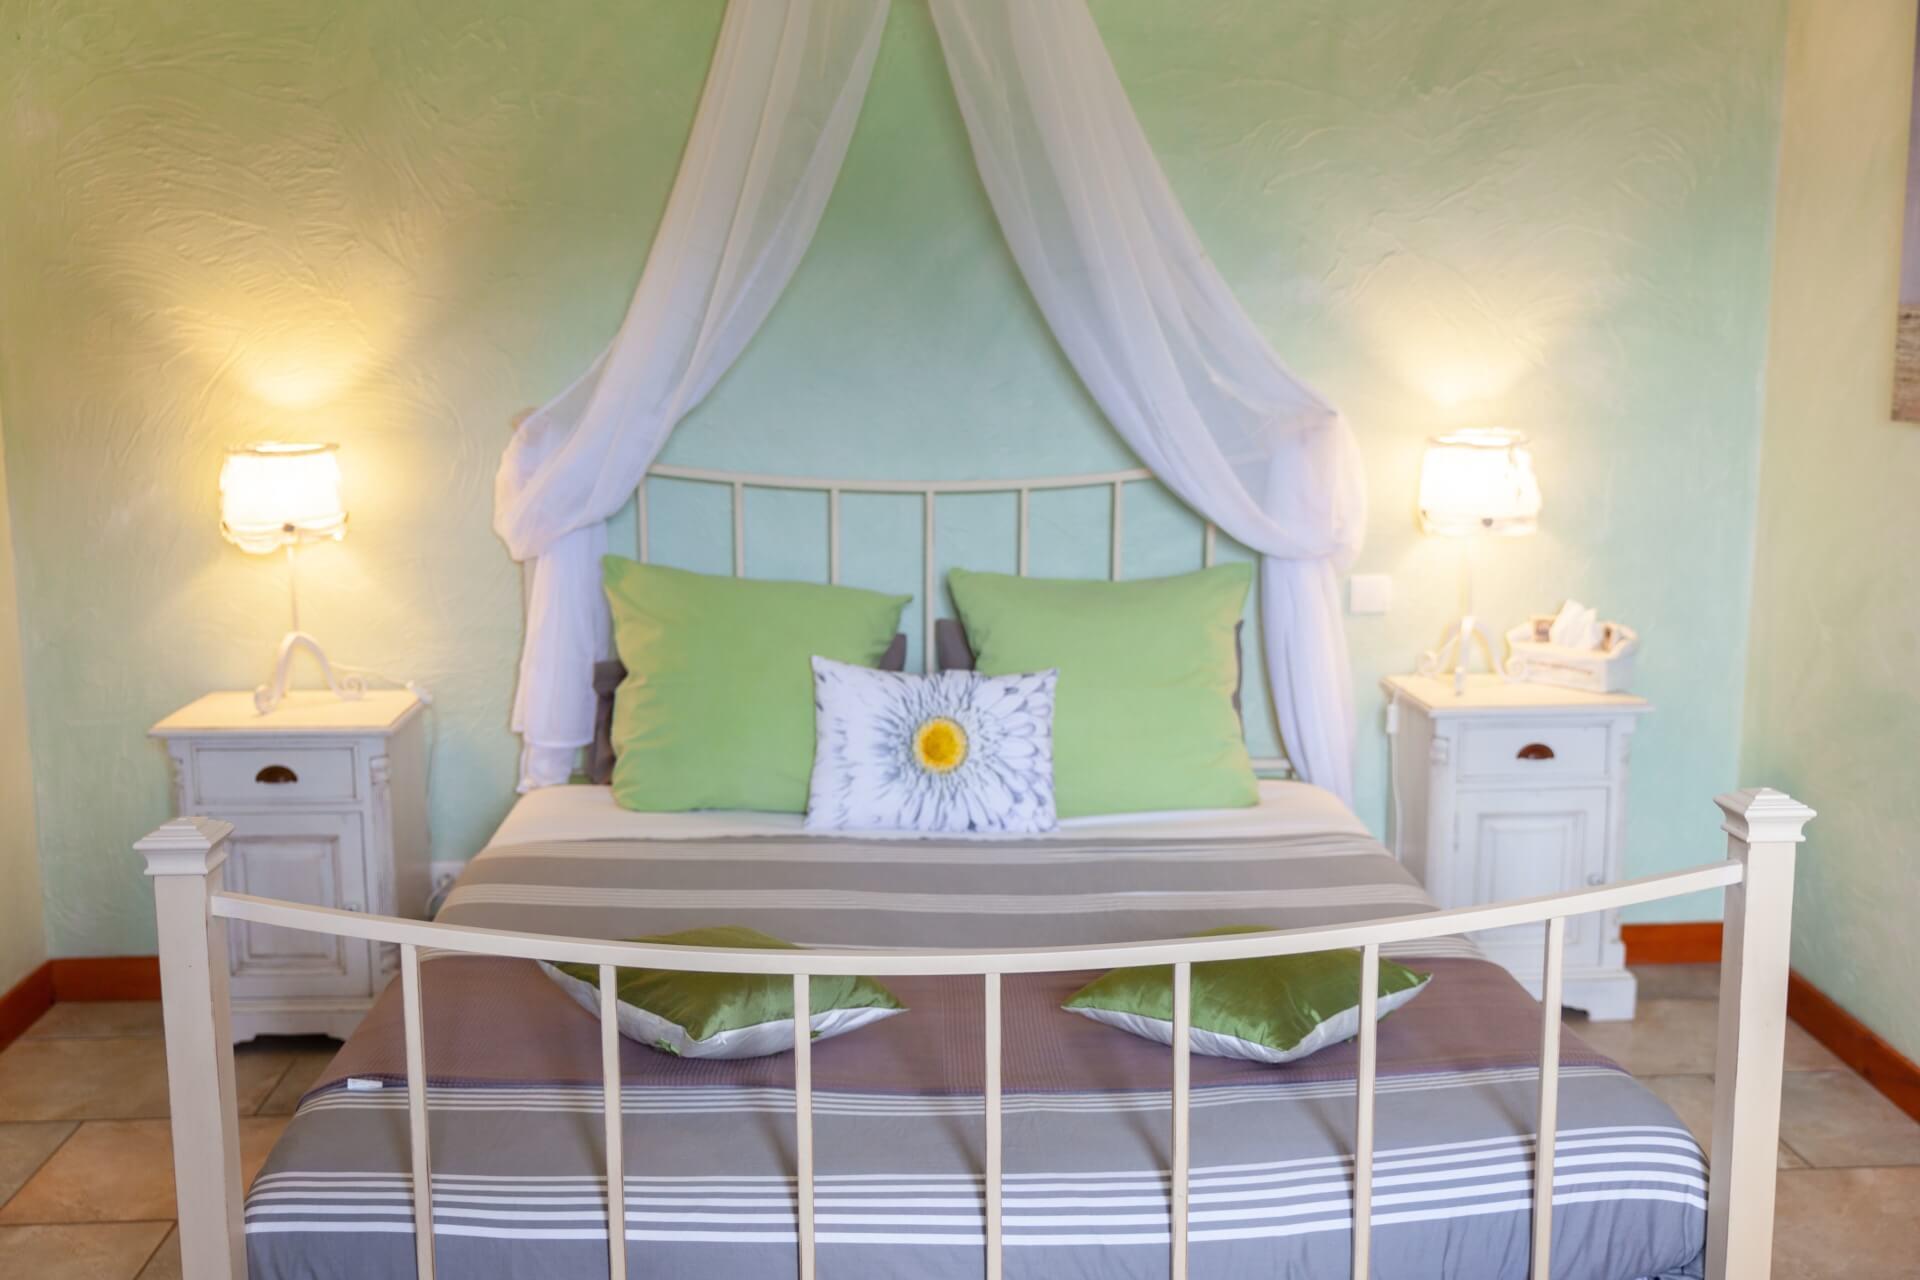 Chambre double, un grand lit 160x200 cm et salle de bain en pierres